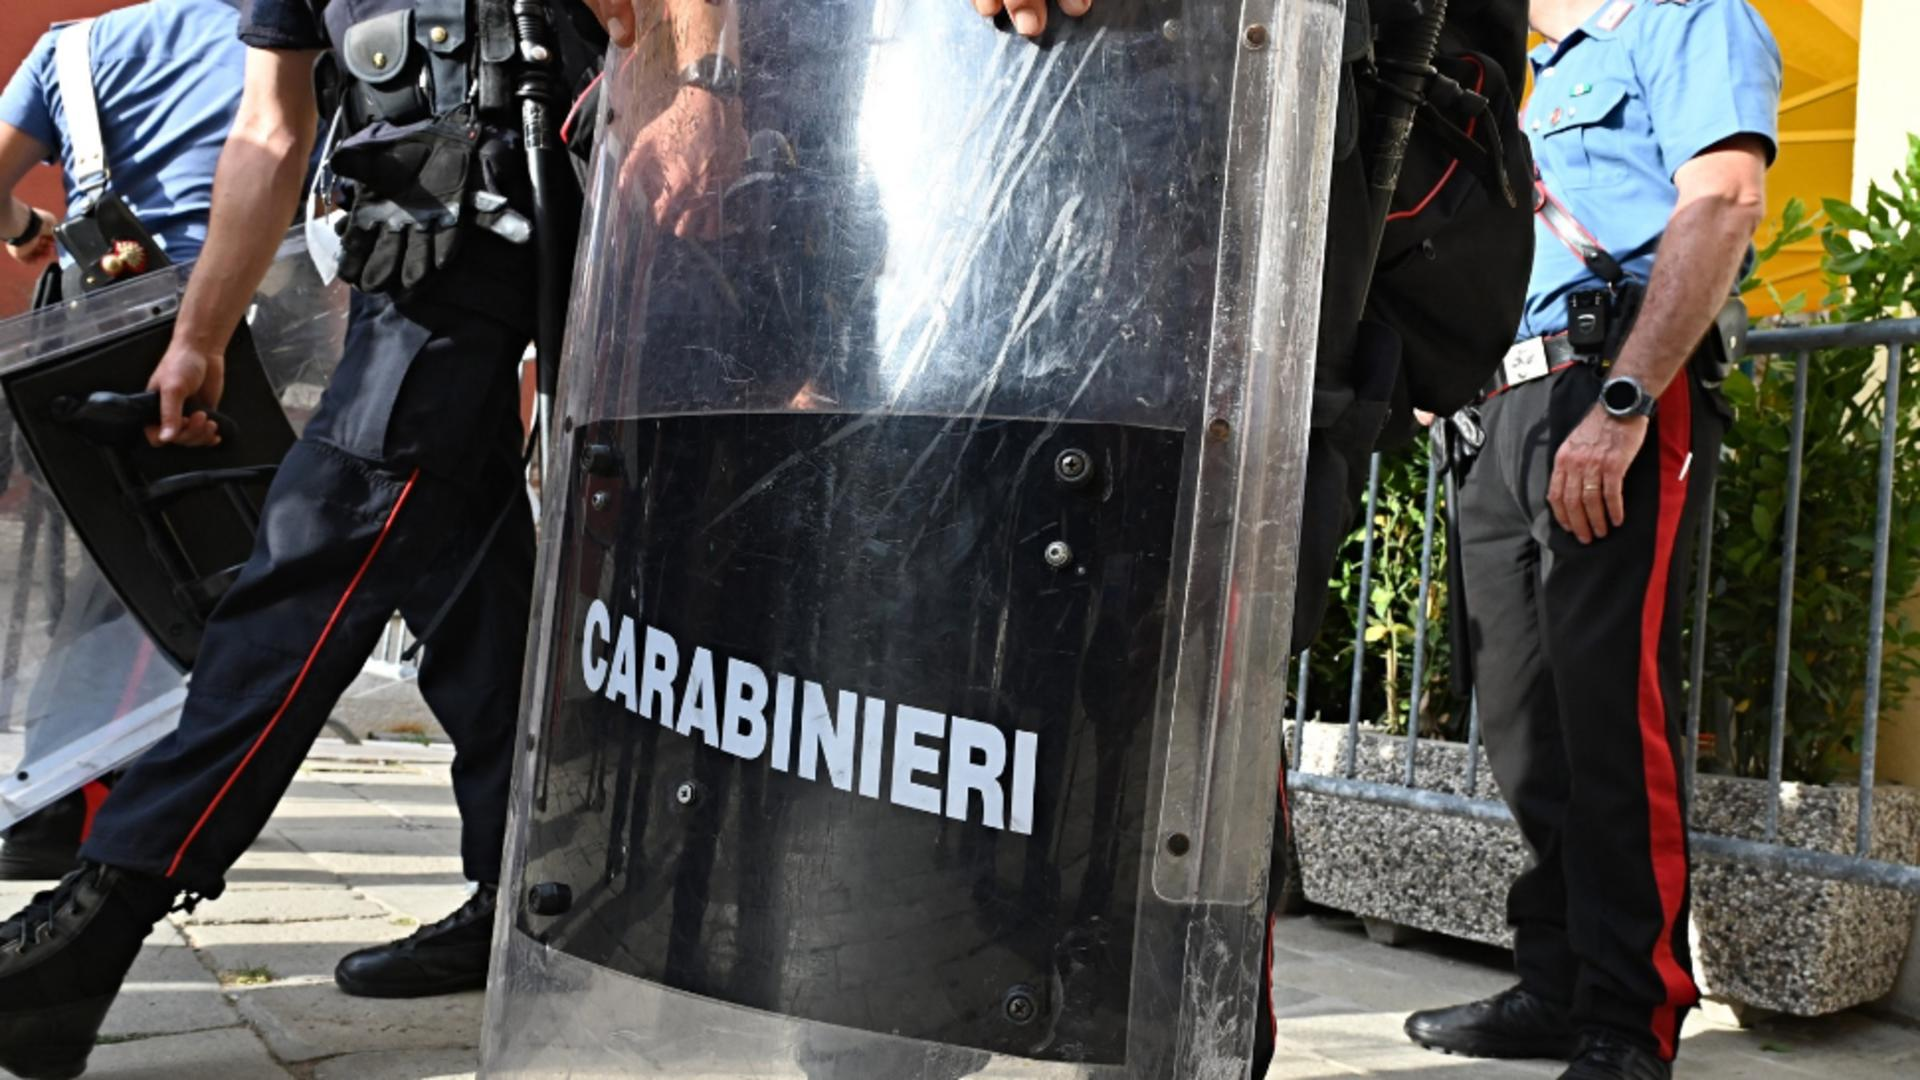 Împușcături într-un club din Italia / Foto: Profi Media